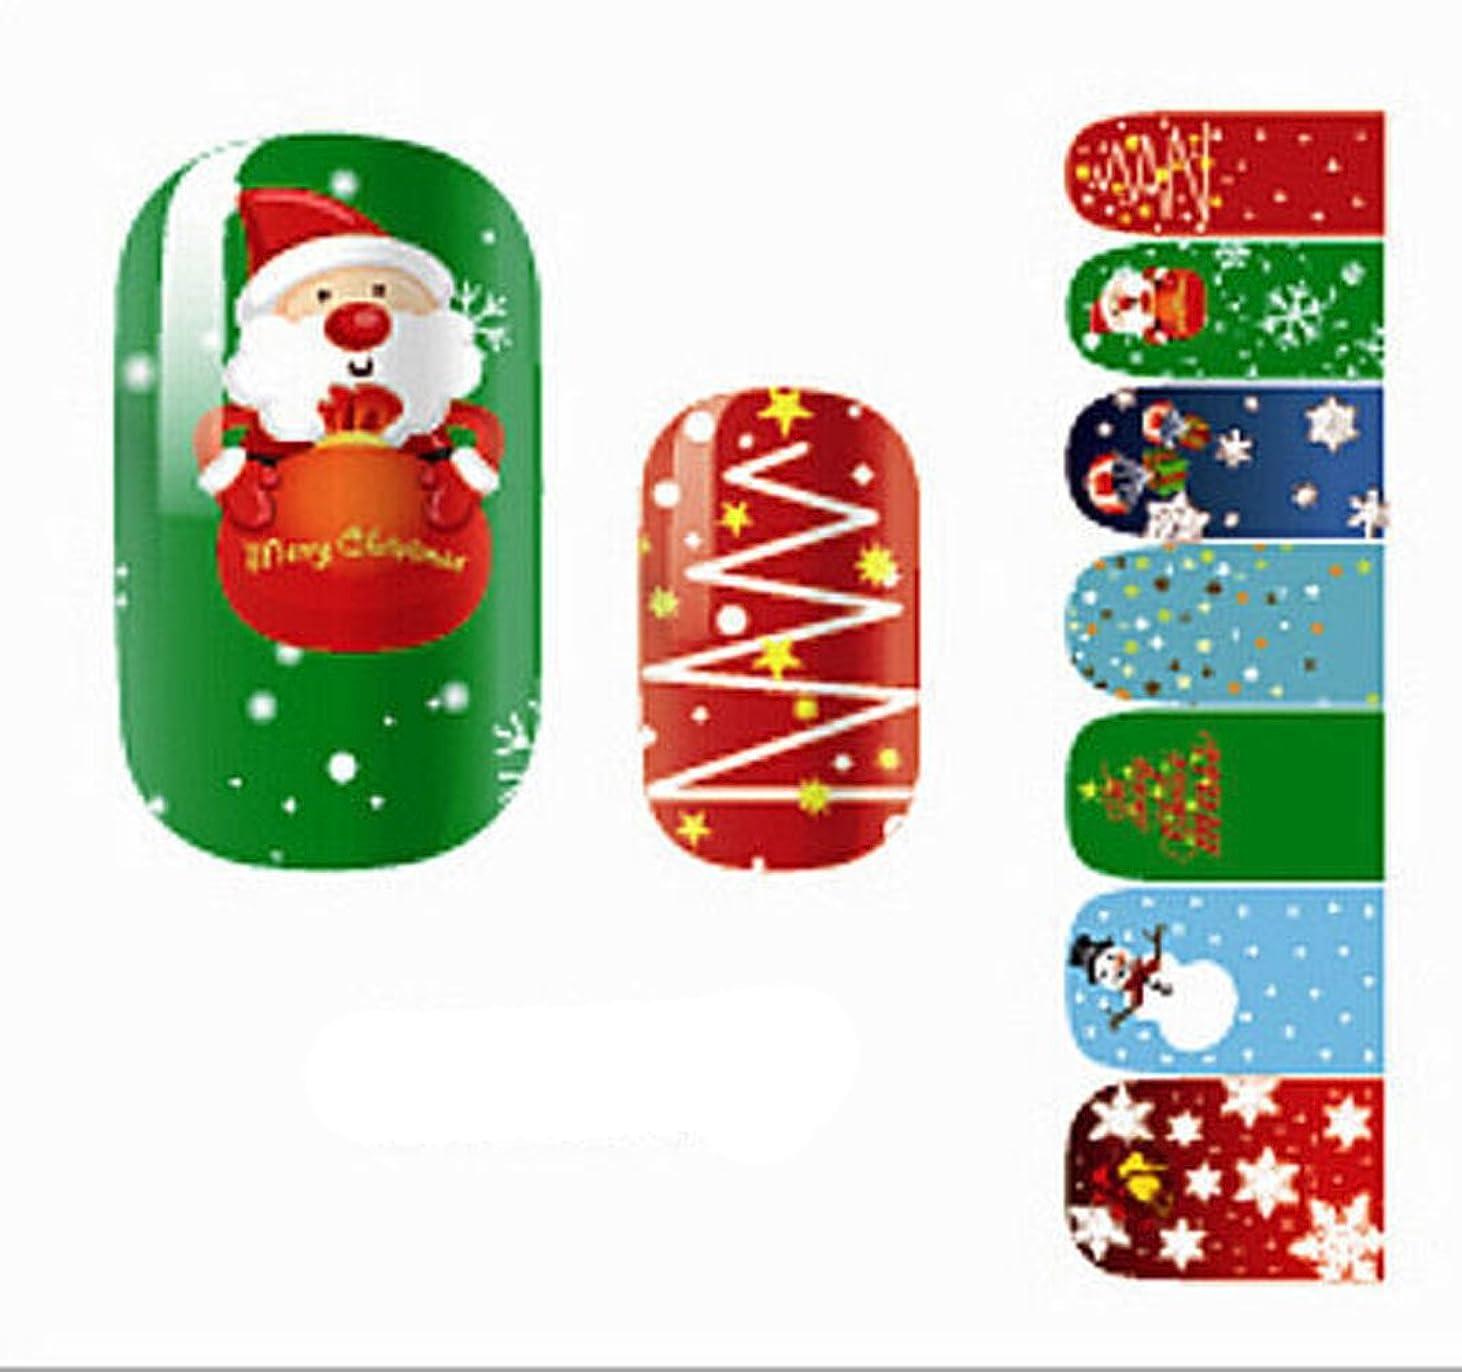 お金ゴム広告主貸すHappyハッピー耳 14枚7ペア/セット 可愛いネイルシール クリスマス サンタクロース 雪 海軍風 ウサギ 混合柄 薄い レディース 子供に適用 (クリスマス風)